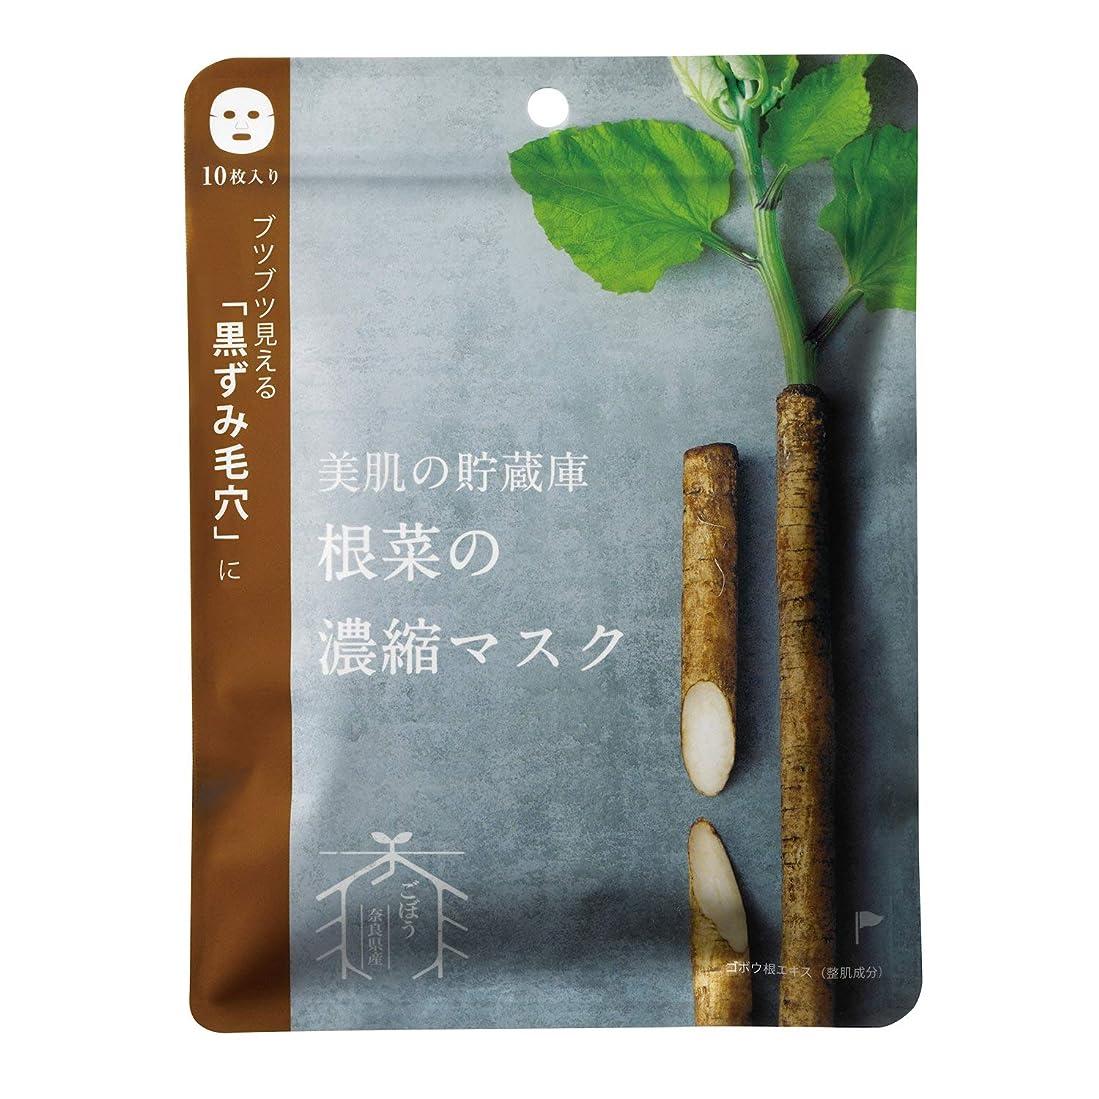 ビルマ遺伝子アナウンサー@cosme nippon 美肌の貯蔵庫 根菜の濃縮マスク 宇陀金ごぼう 10枚 160ml